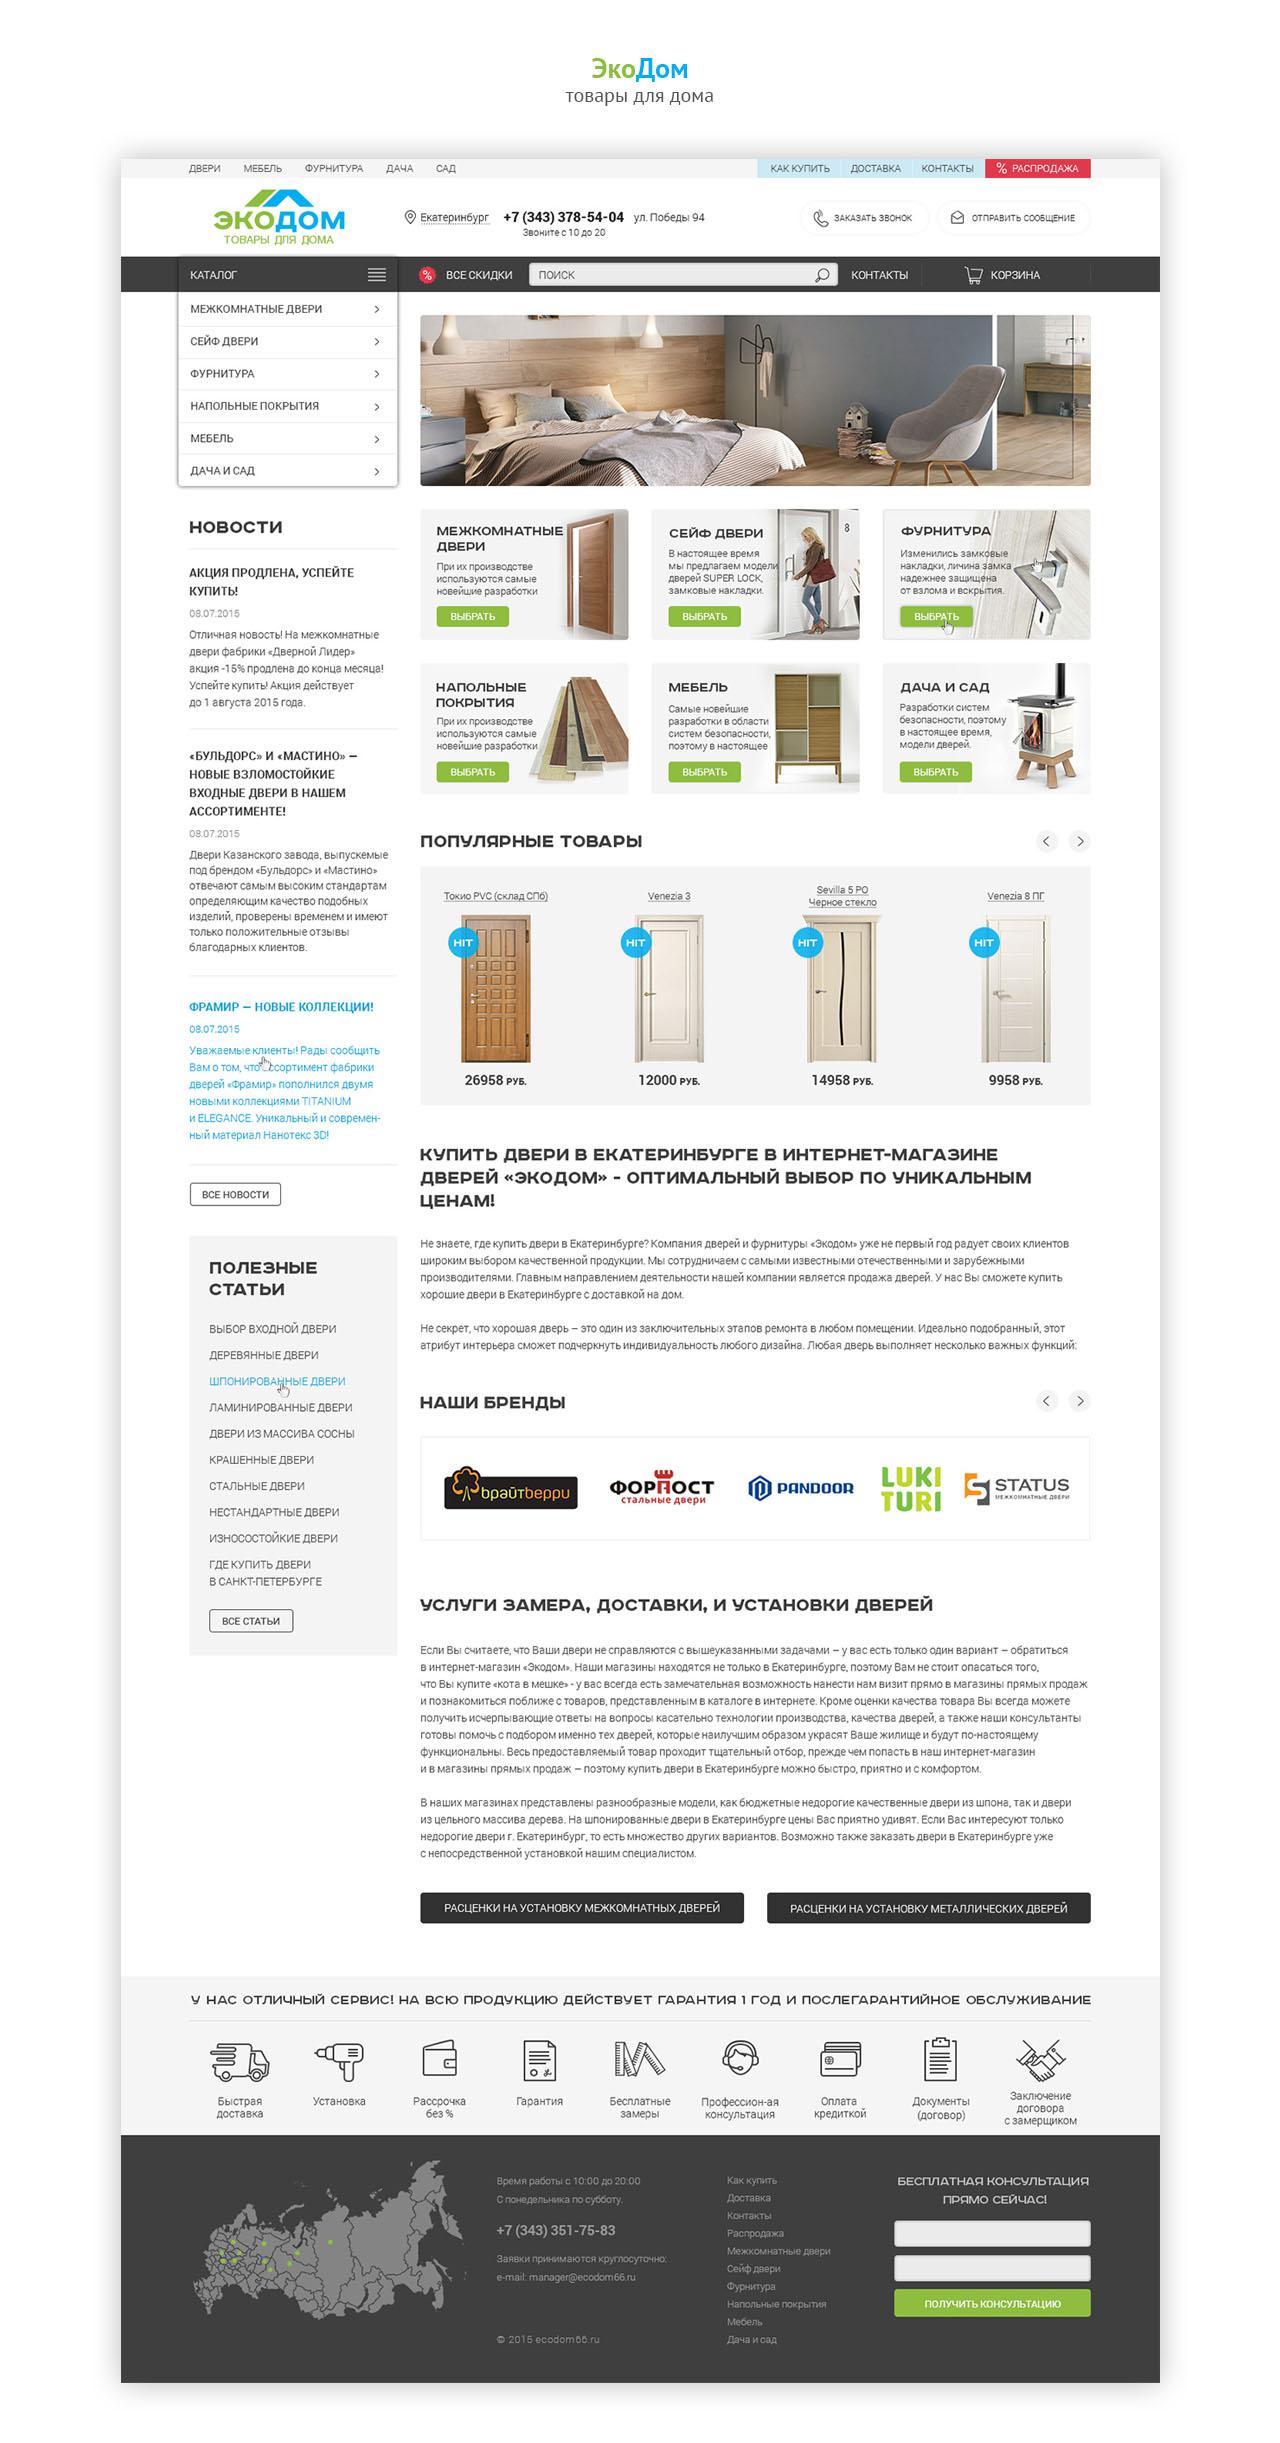 интернет-магазин Опенкарт товары для дома